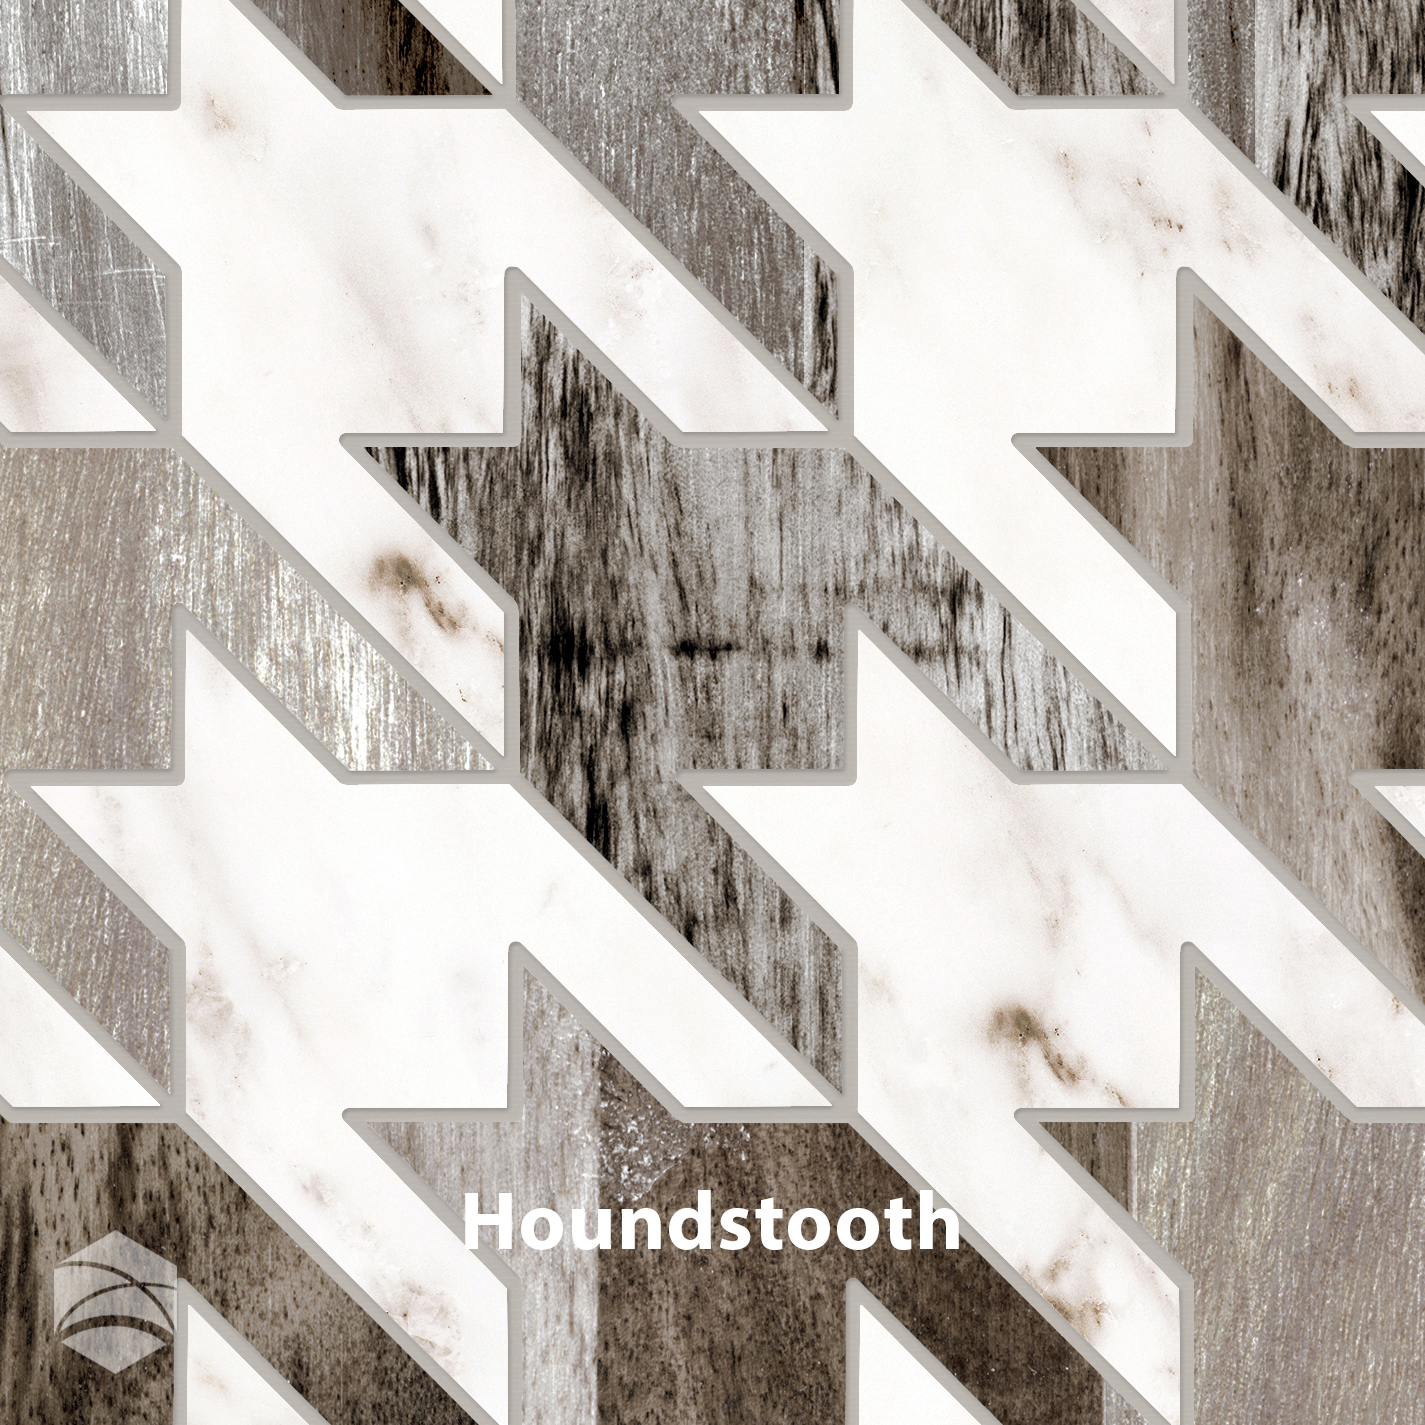 Houndstooth_V2_14x14.jpg